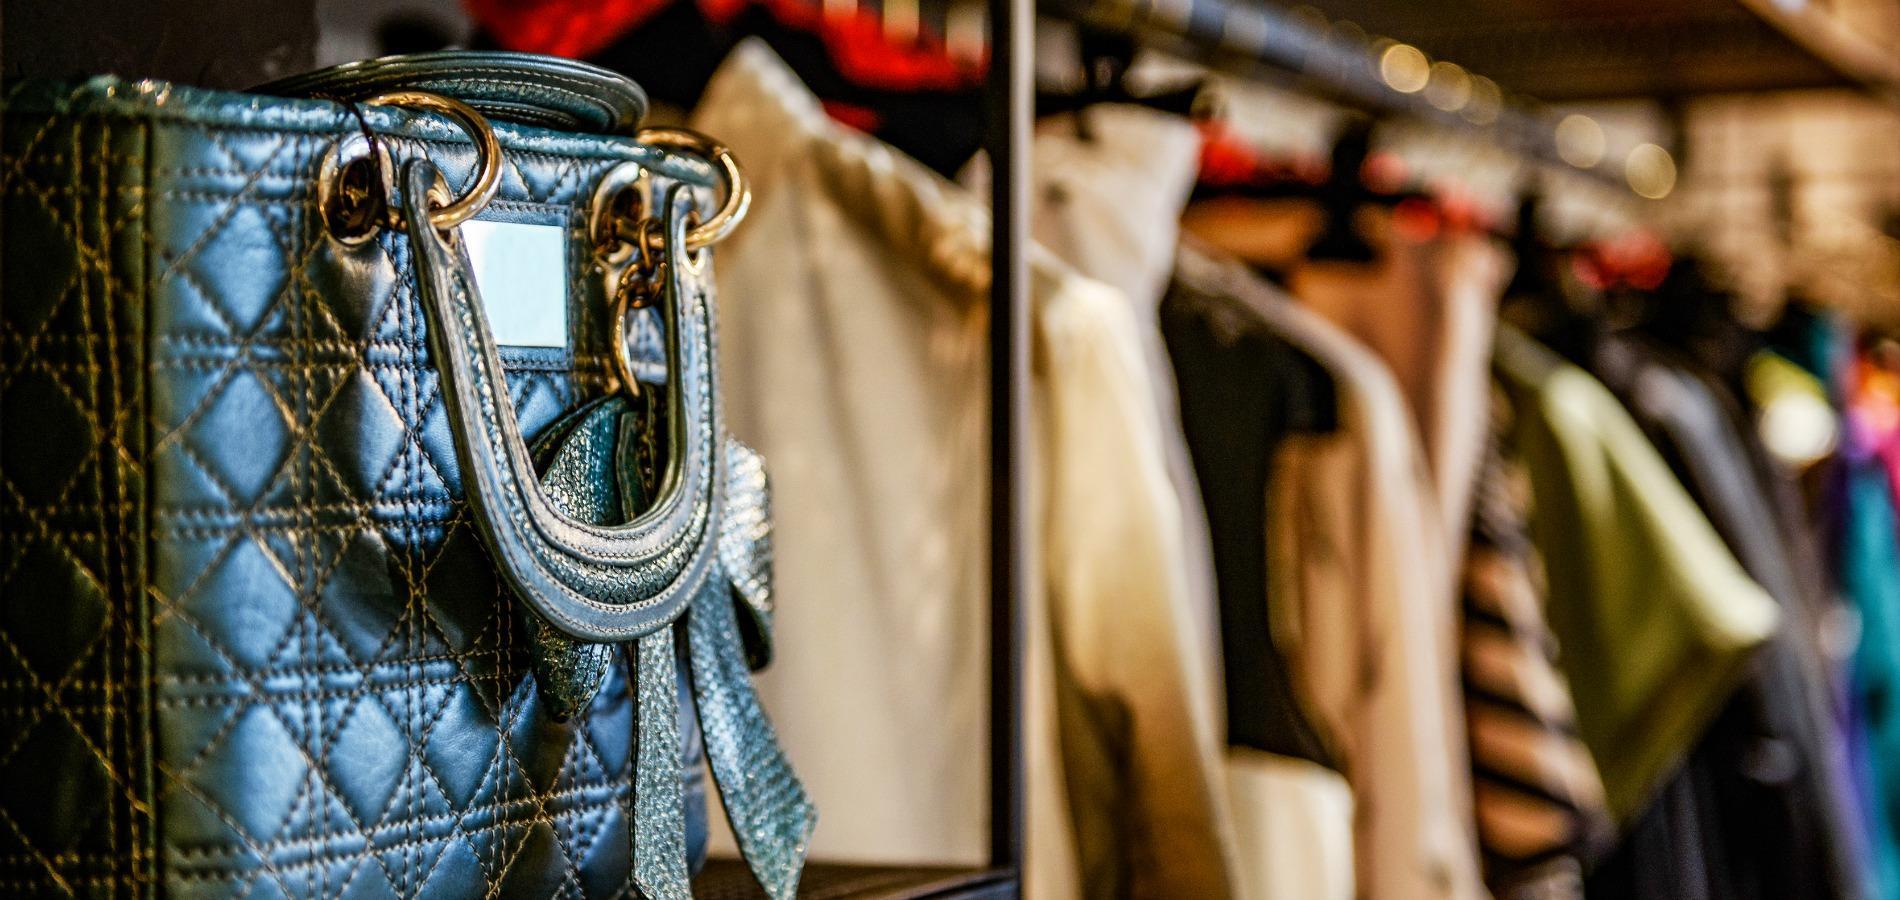 Doit On Acheter Des Vêtements De Luxe Lors Dun Vide Dressing